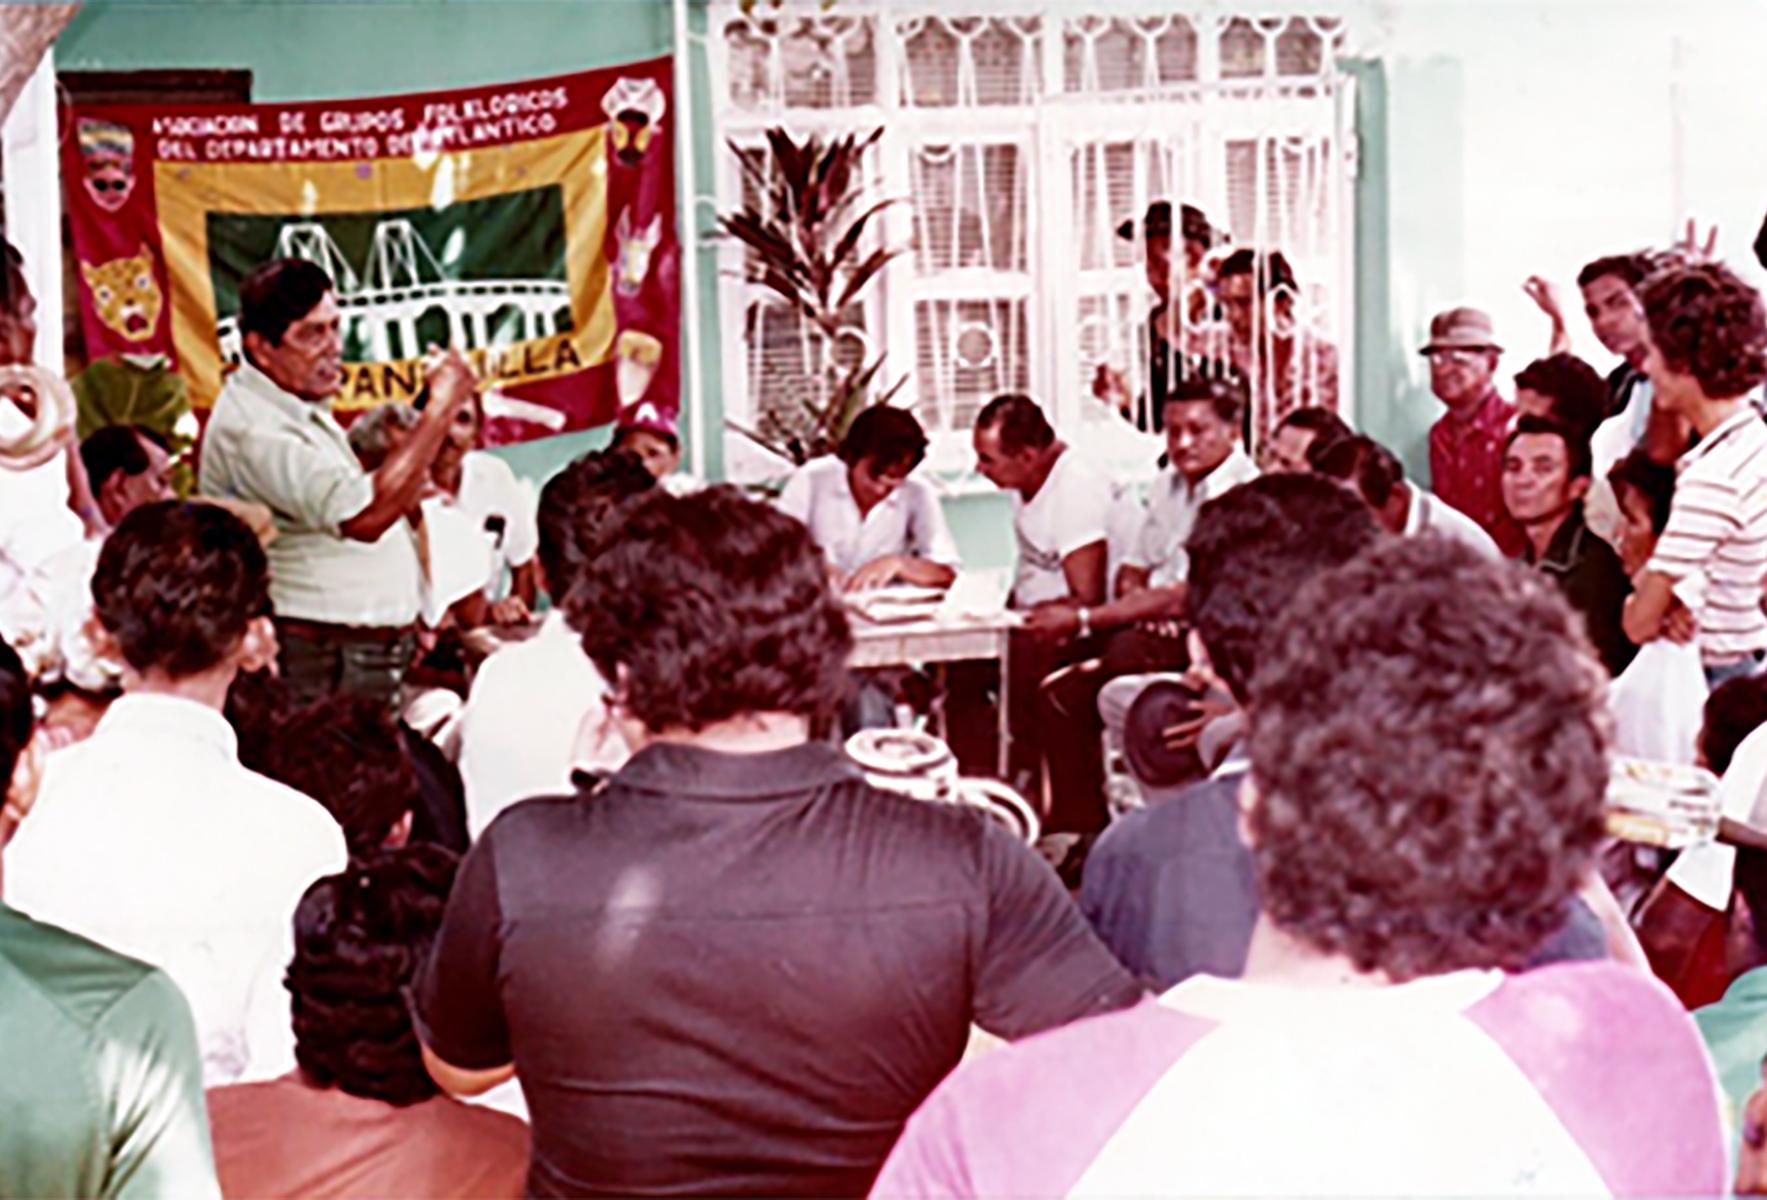 ASAMBLEA DIRECTORES DE GRUPO 1985